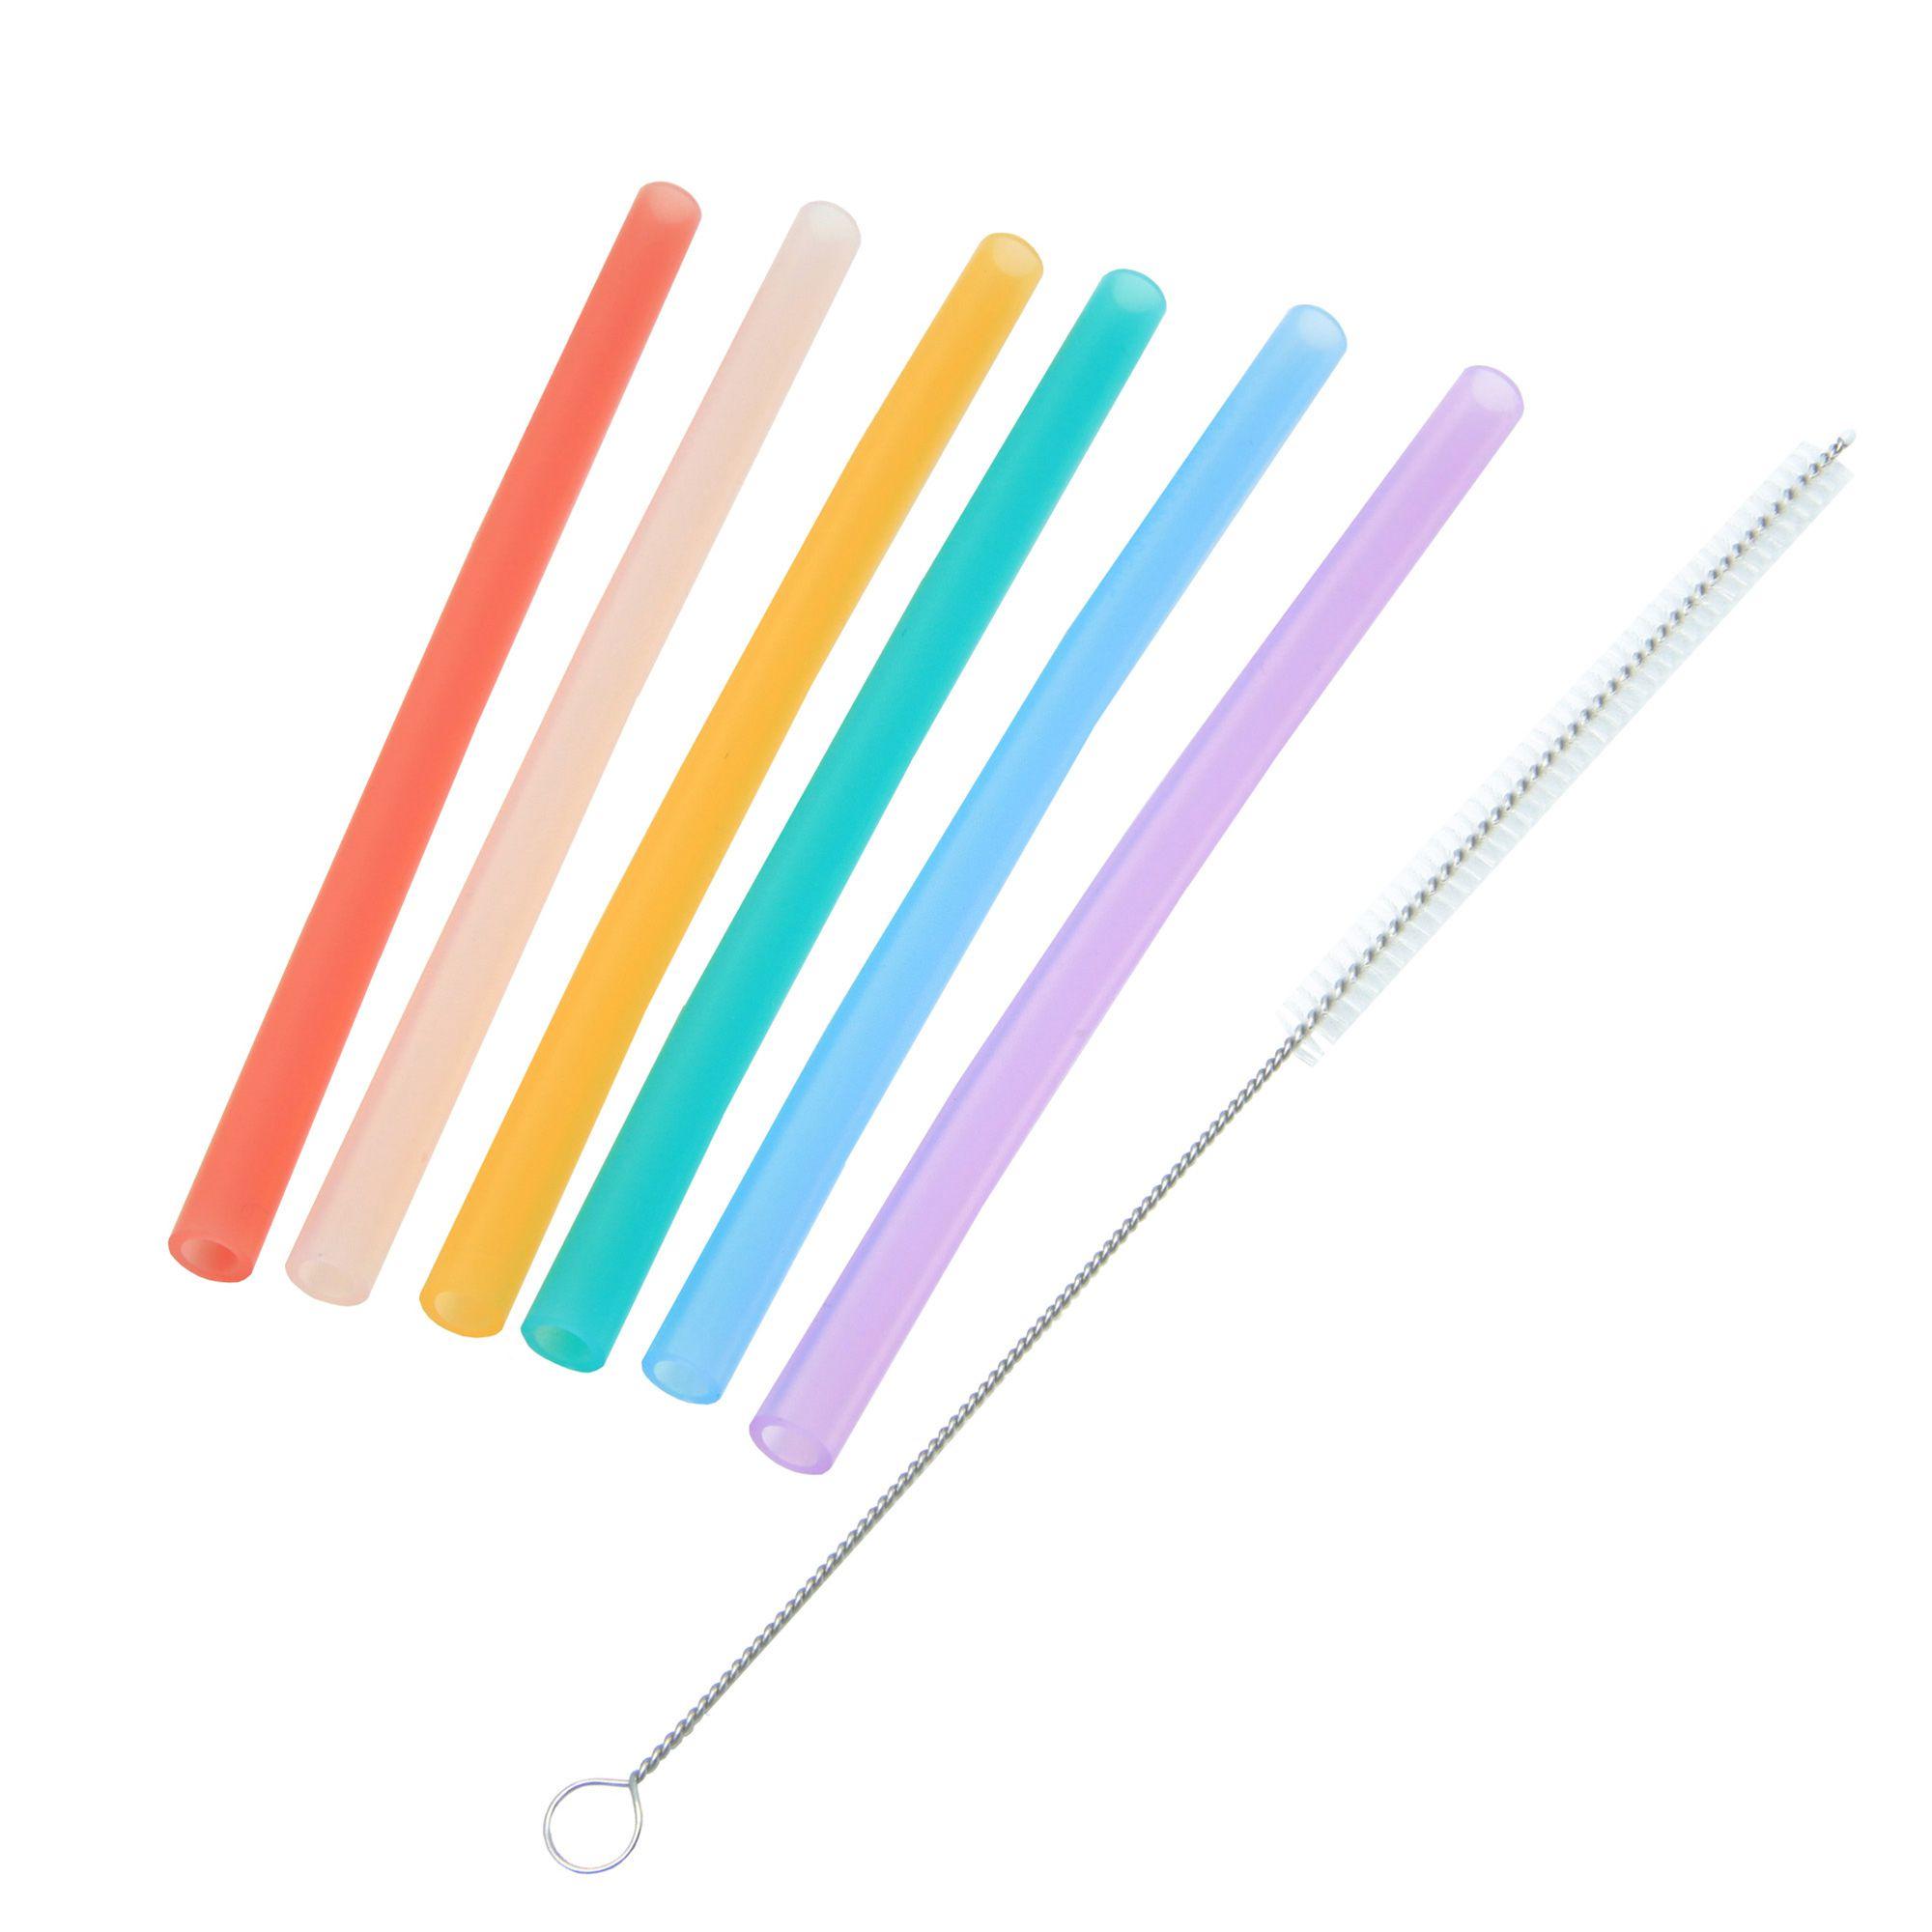 Kit 6 Canudos Coloridos em Silicone com Escova